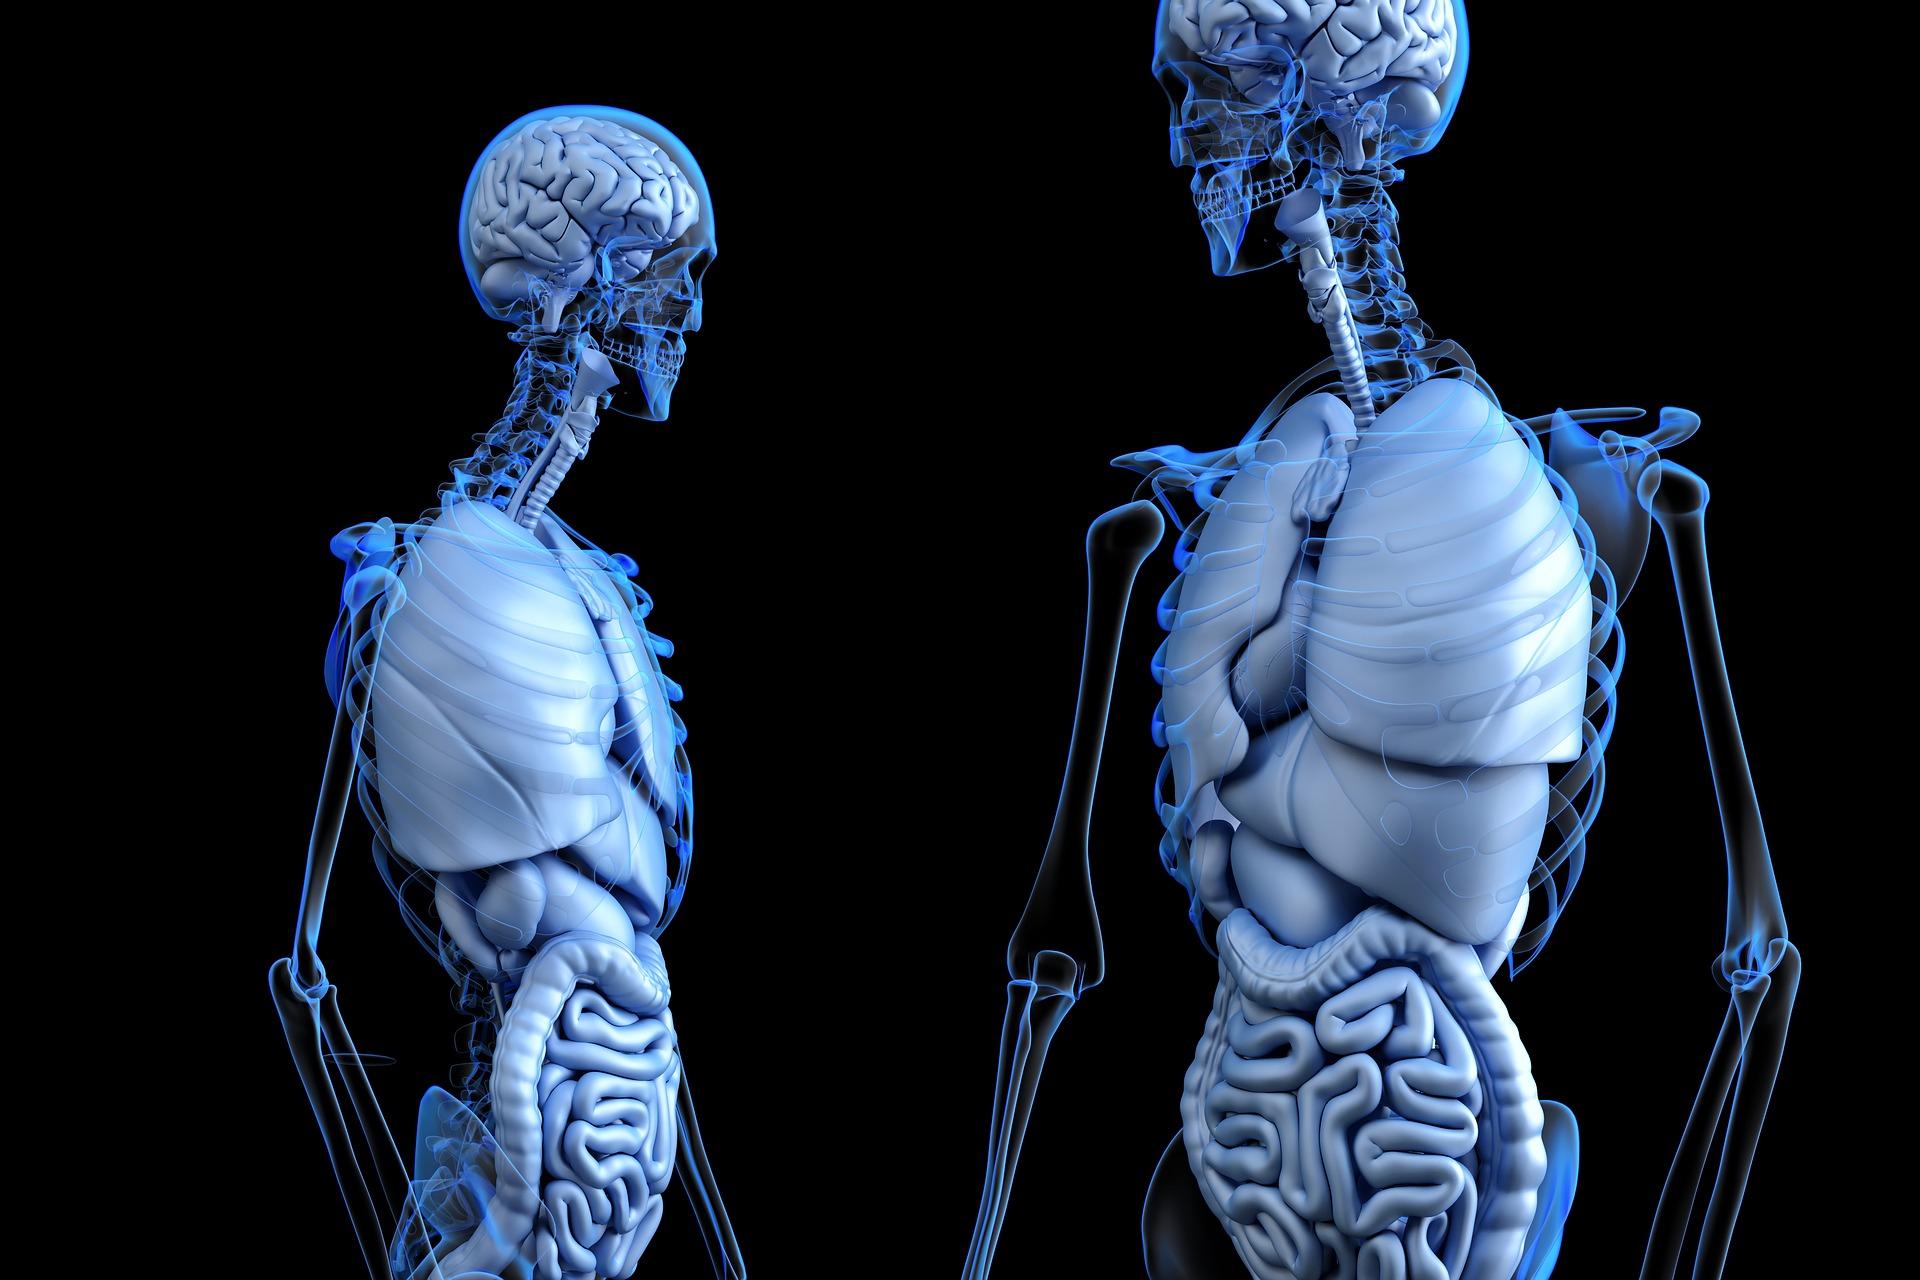 Una nueva cámara puede ver dentro del cuerpo humano